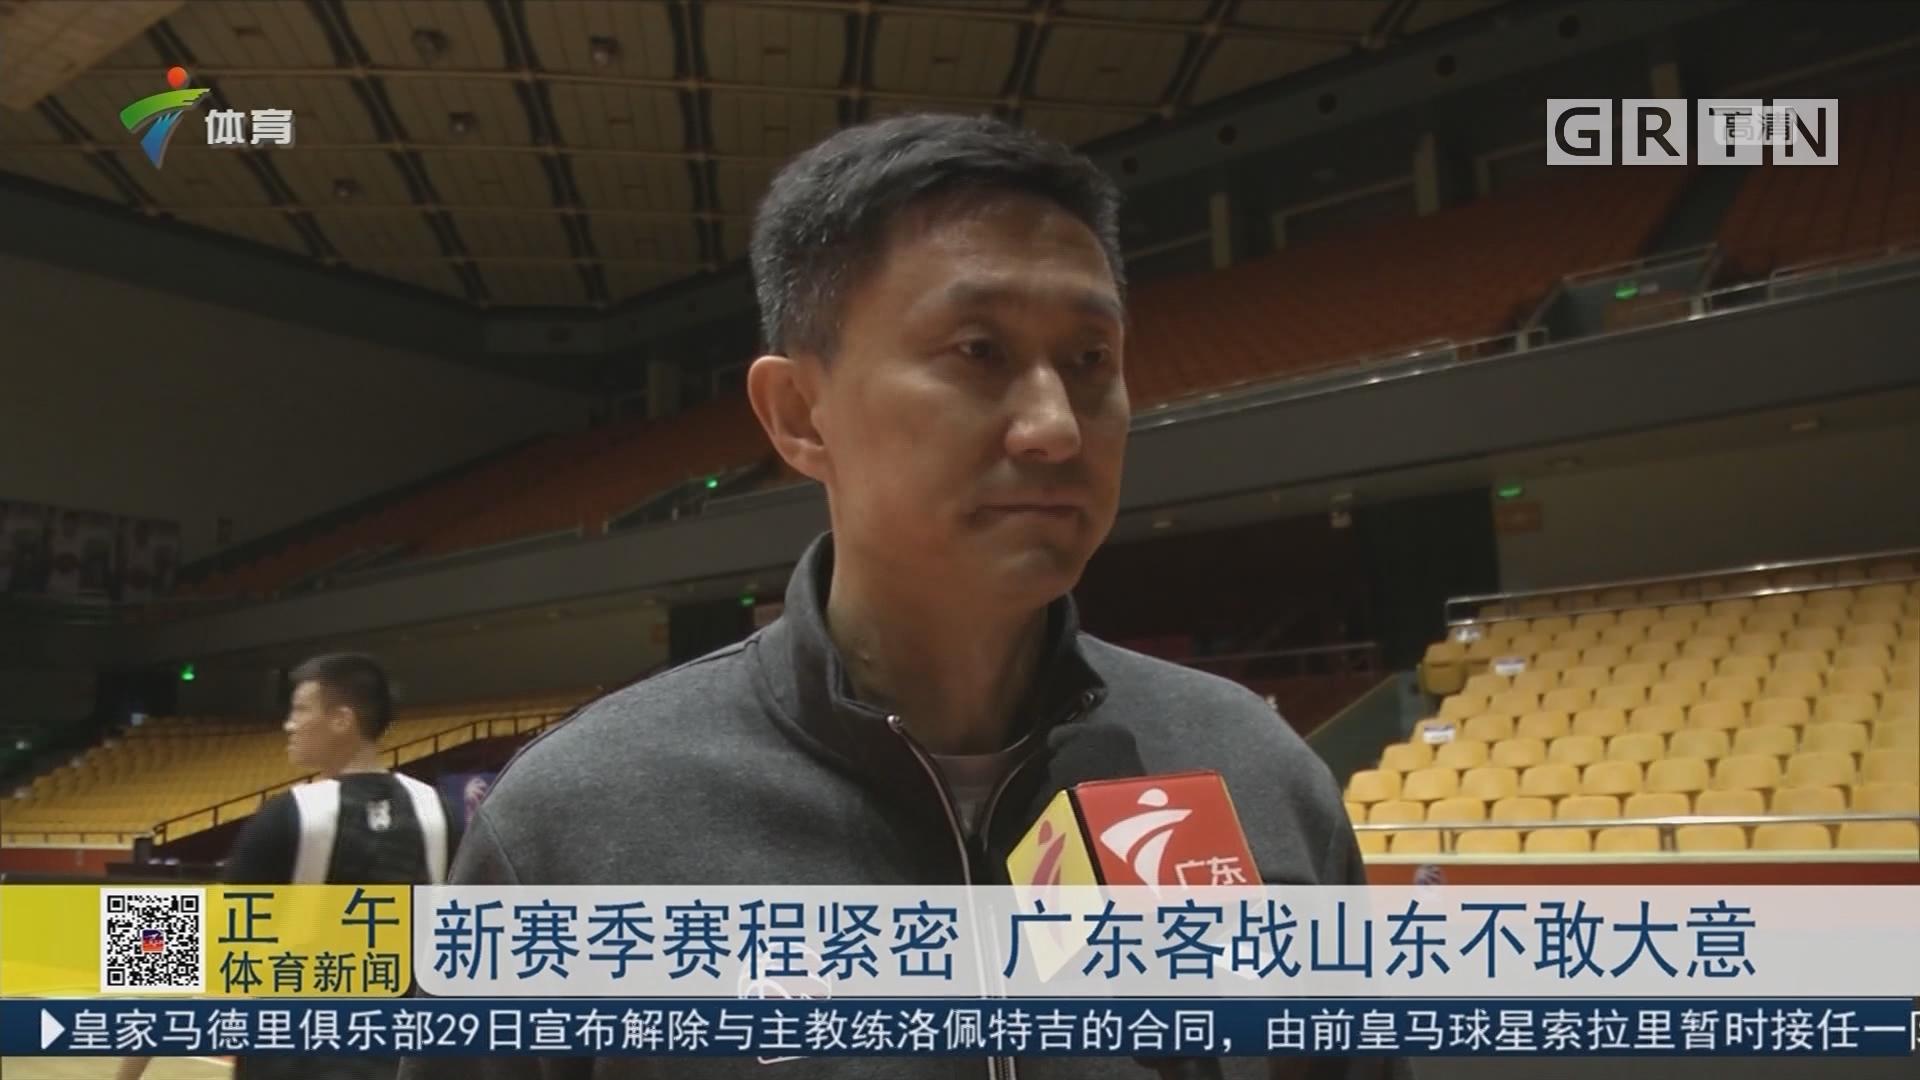 新赛季赛程紧密 广东客战山东不敢大意